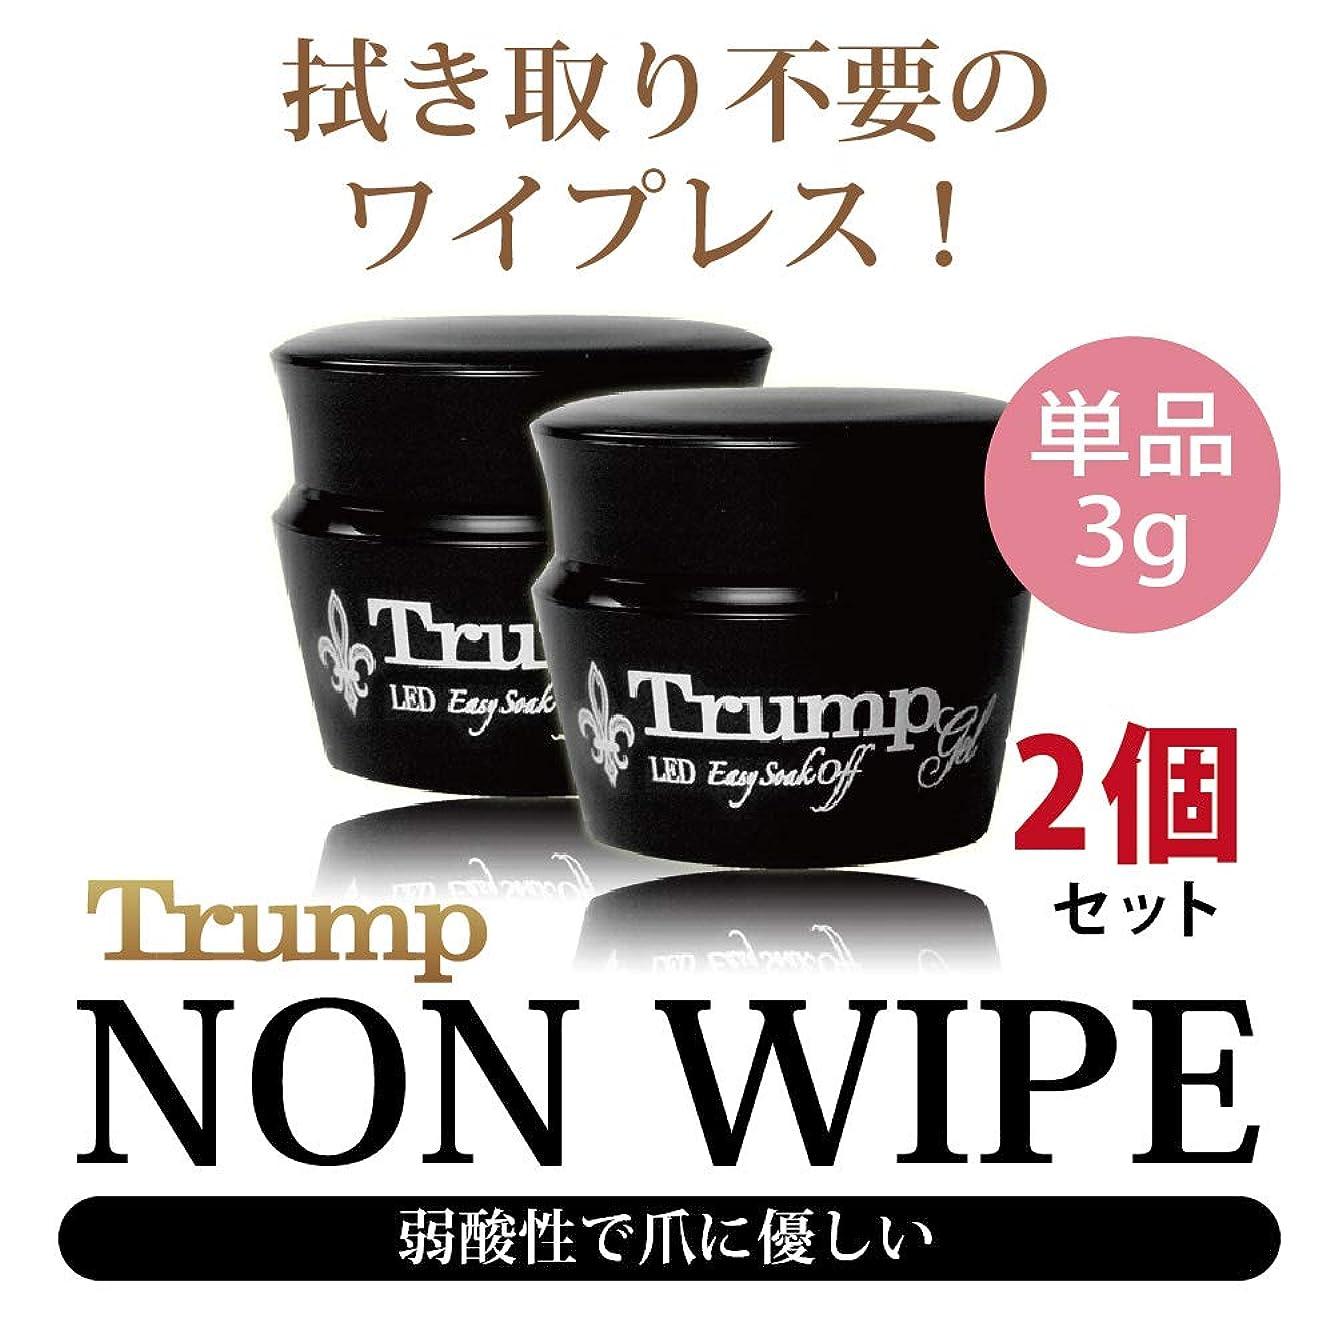 滴下狂乱大破Trump gel ノンワイプトップジェル 3g 2個セット